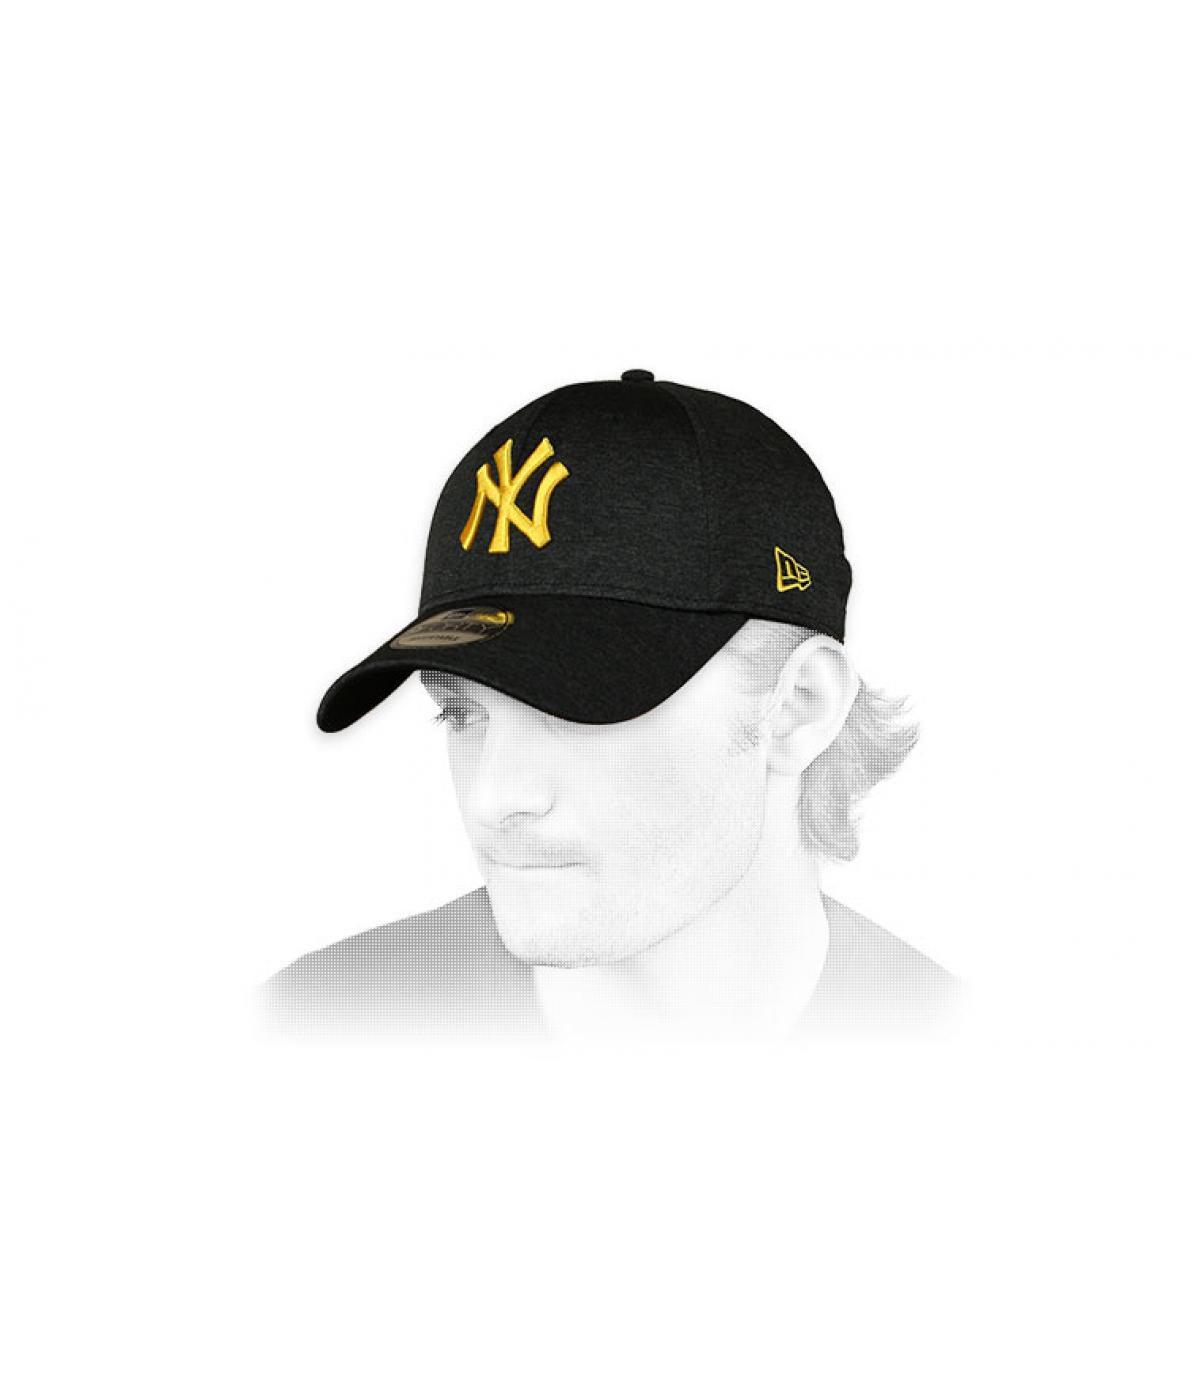 berretto NY nero giallo